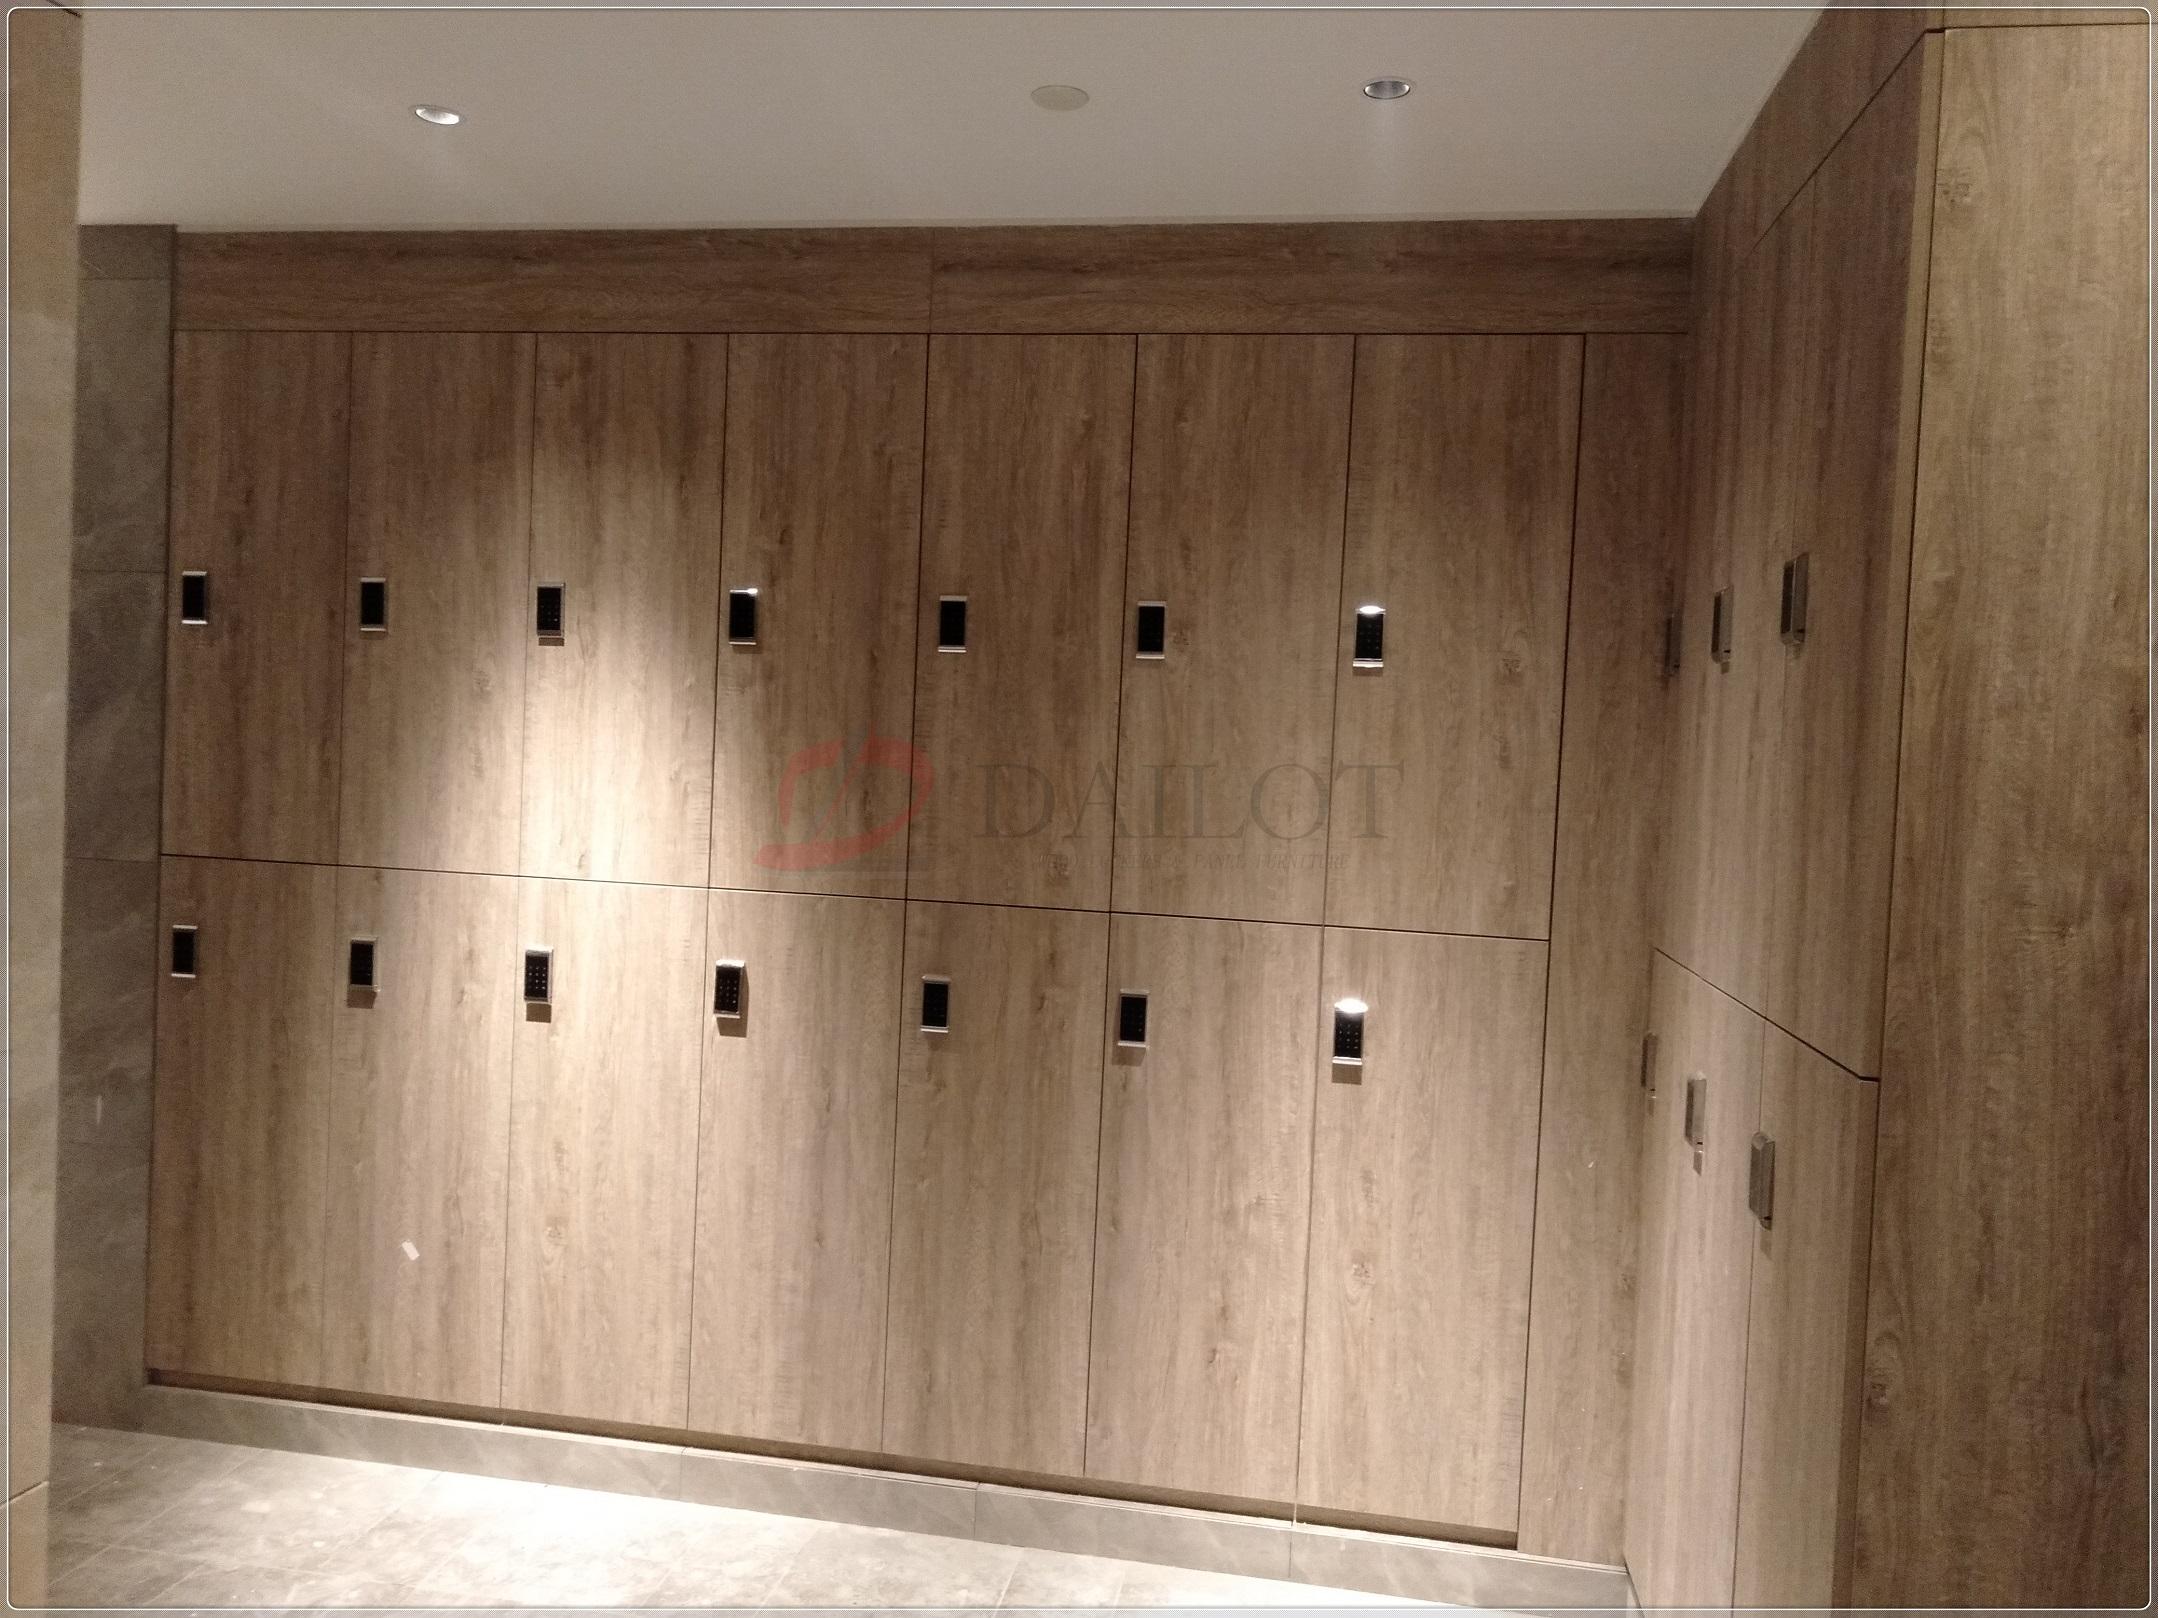 星级酒店健身房更衣柜桑拿换衣柜防水防腐B1级阻燃